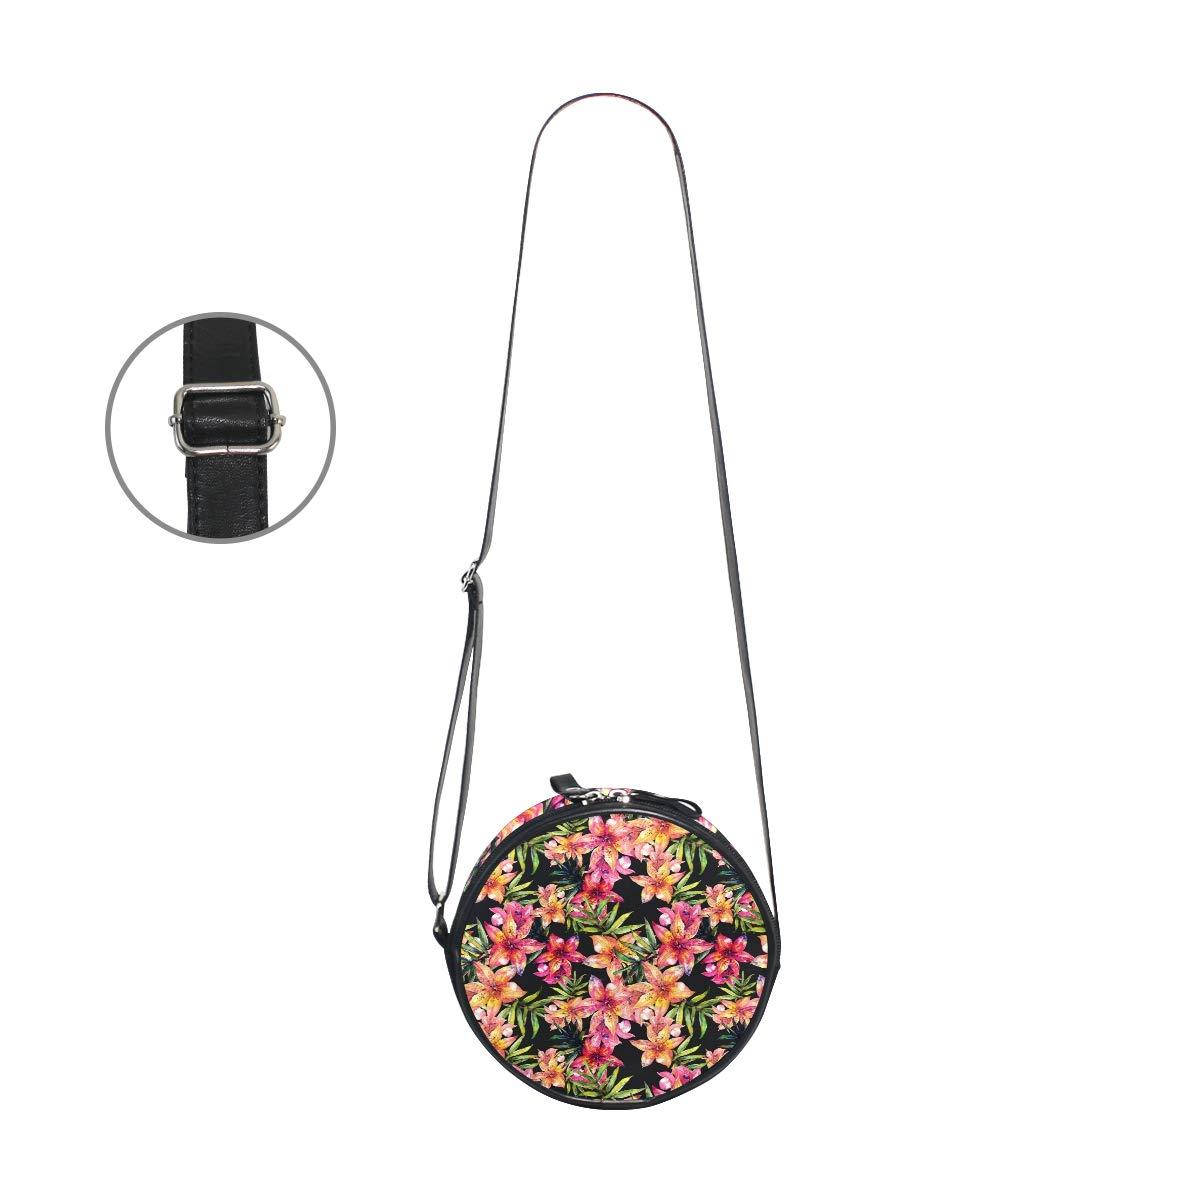 KEAKIA Lily Flowers Pattern Round Crossbody Bag Shoulder Sling Bag Handbag Purse Satchel Shoulder Bag for Kids Women